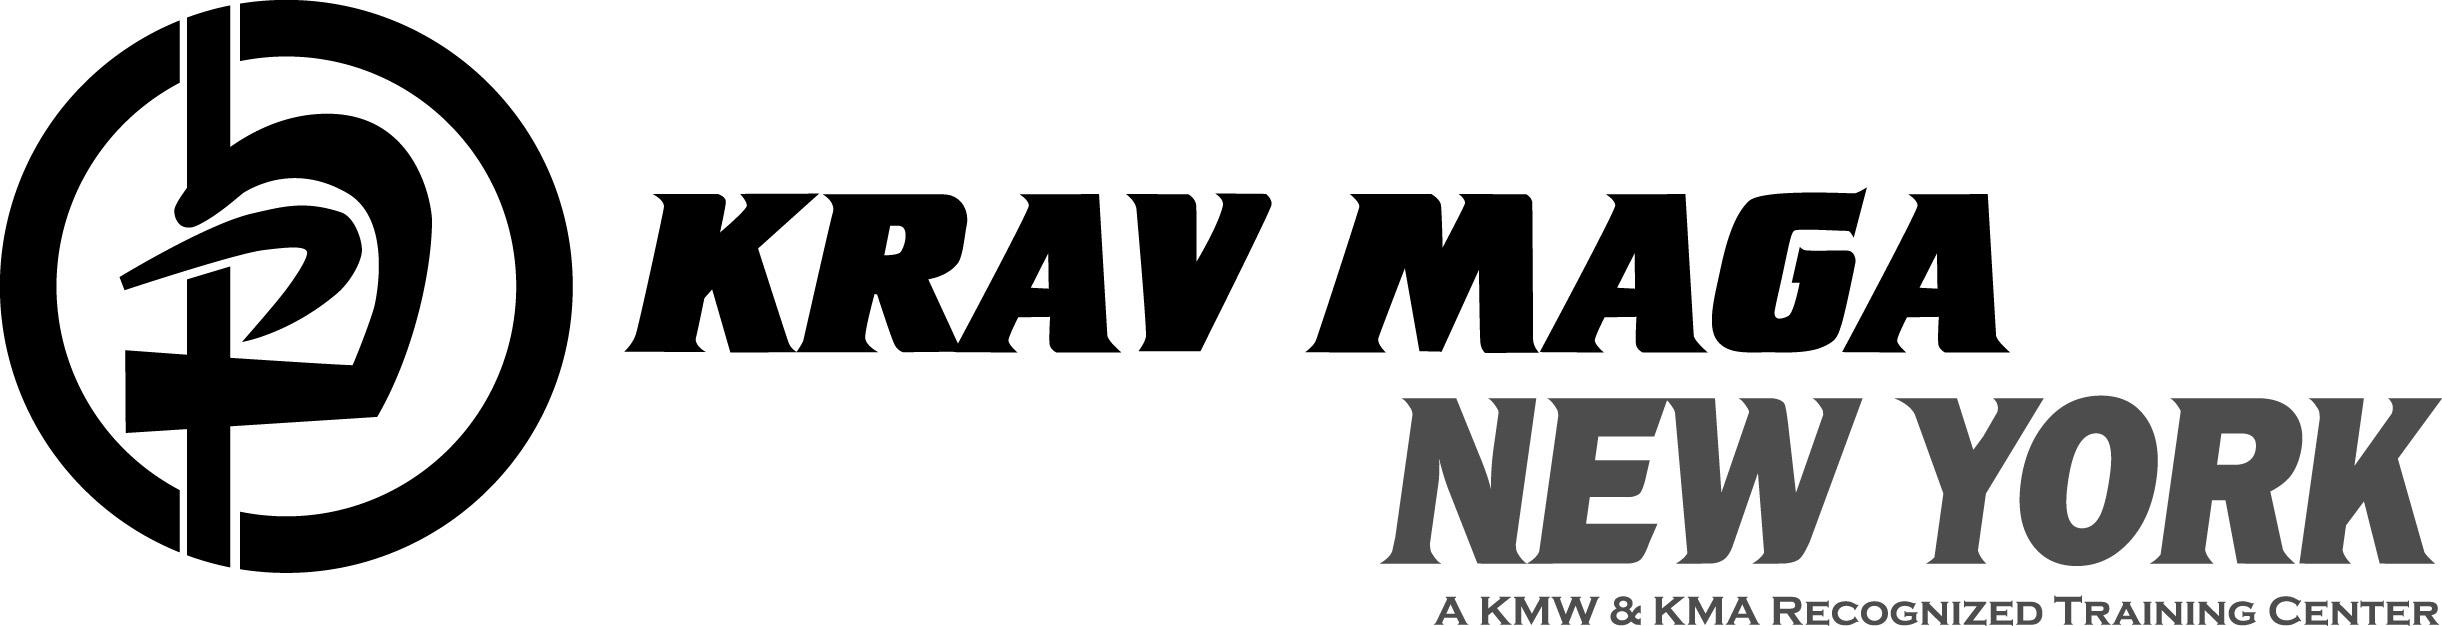 Israeli Krav Maga Based Self-Defense Classes in ...